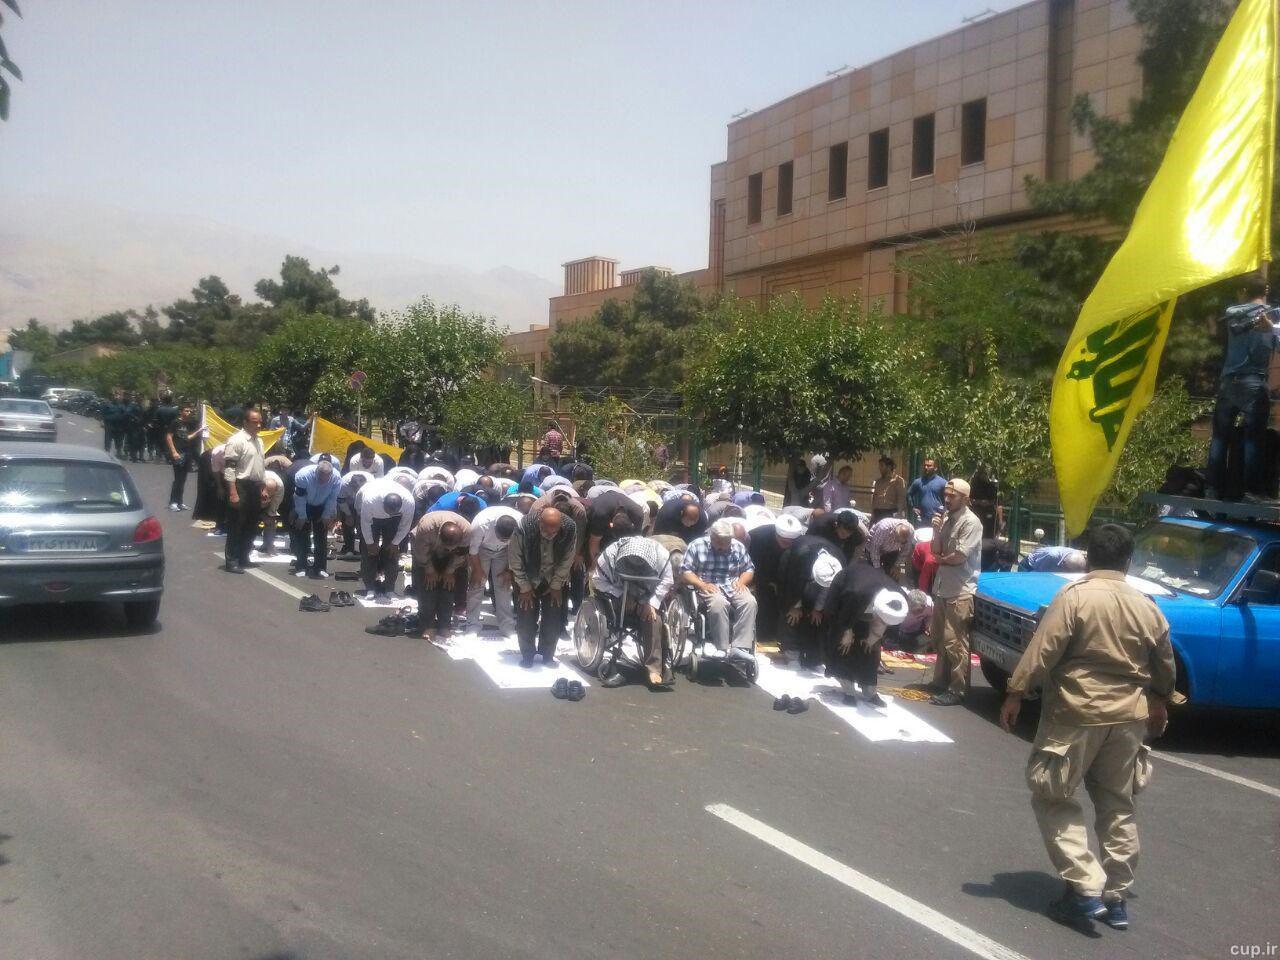 عکس تجمع دلواپسان علیه حضوز زنان در ورزشگاه,عکس تجمع حزب الله علیه ورود زنان به ورزشگاه,عکس های تجمع افراد مخالف ورود بانوان به ورزشگاه,تجمع اعتراضی بسیج